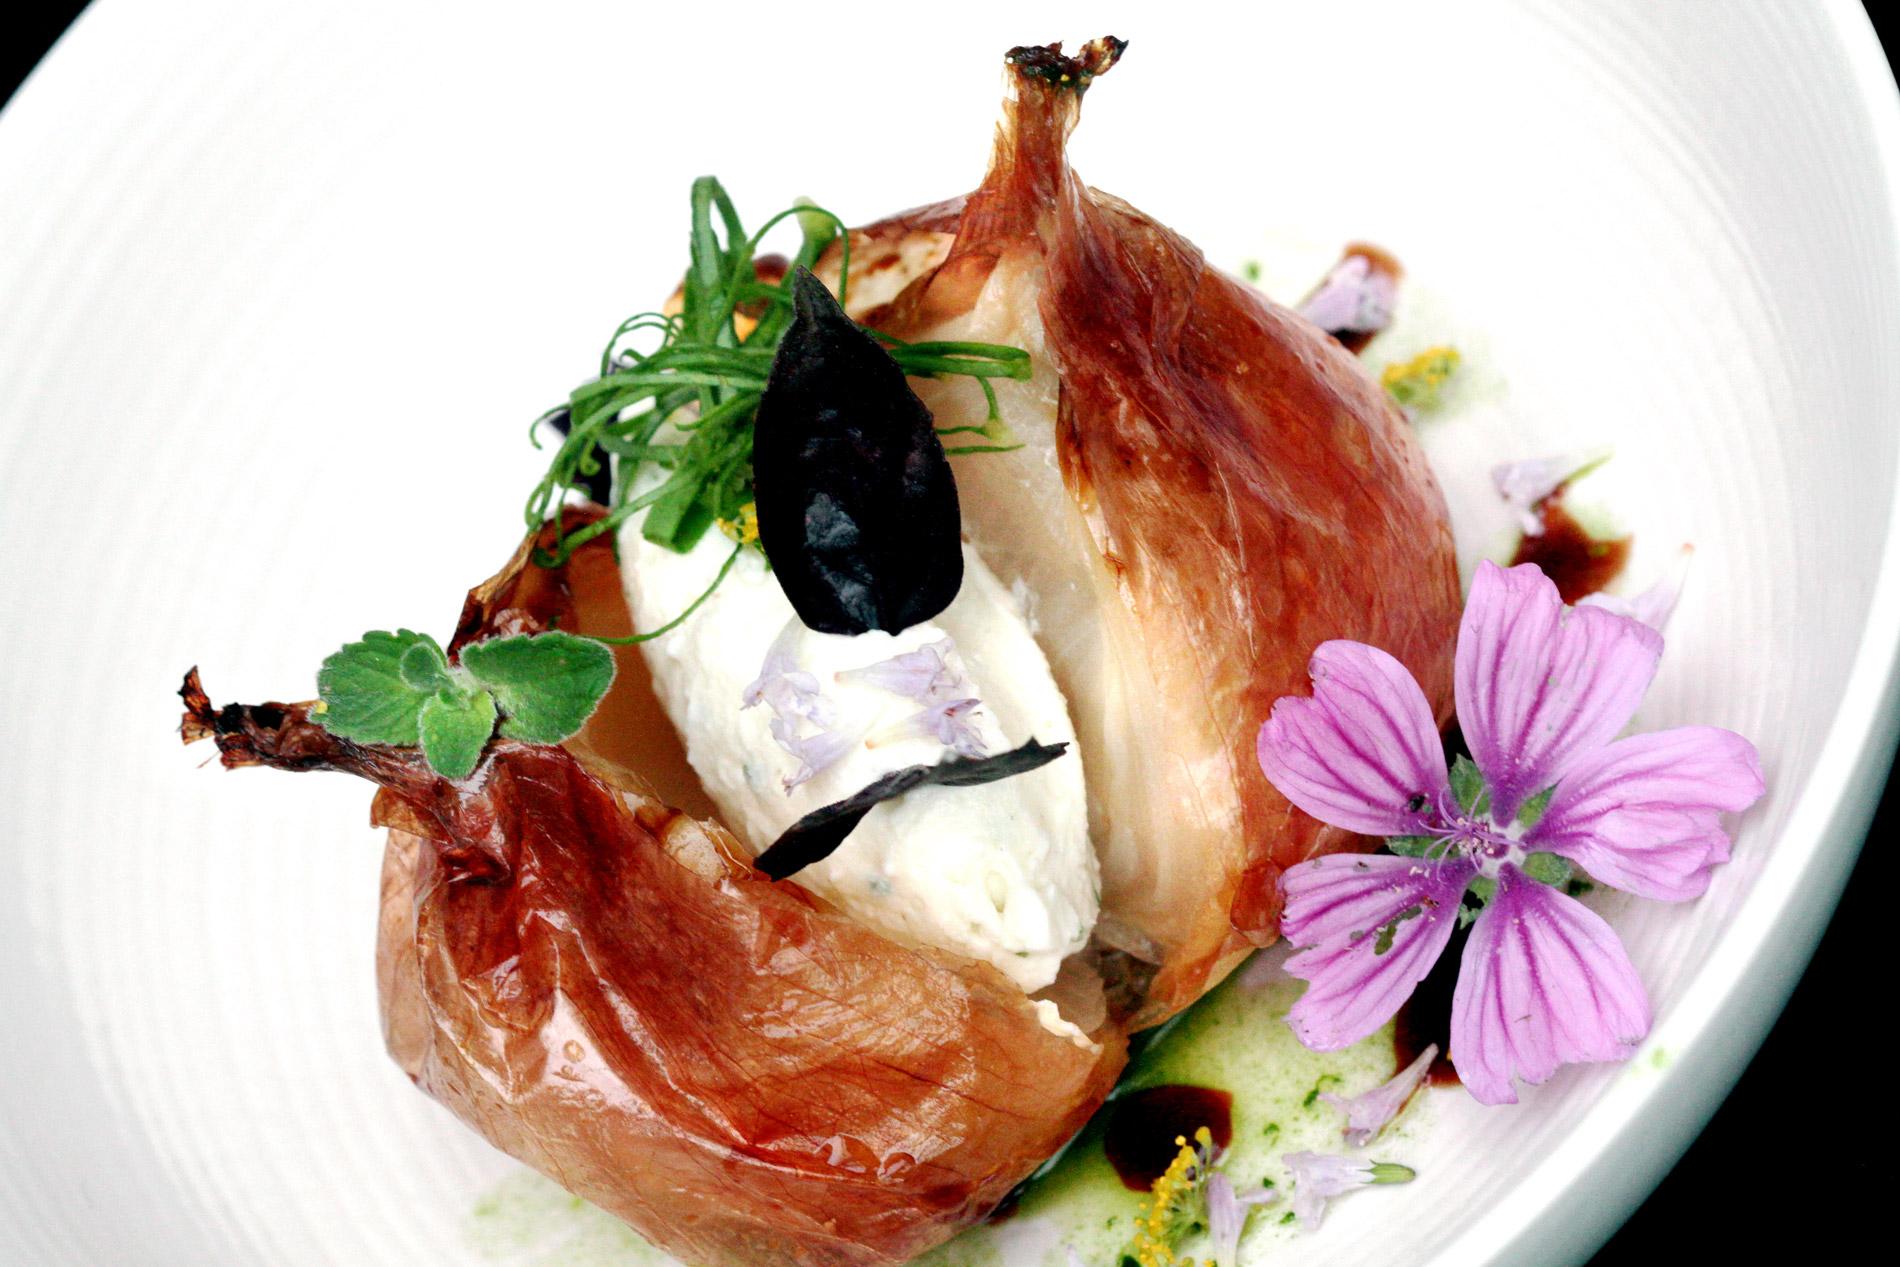 Oignons doux farcis au fromage de chèvre, vinaigrette parfumée aux fanes